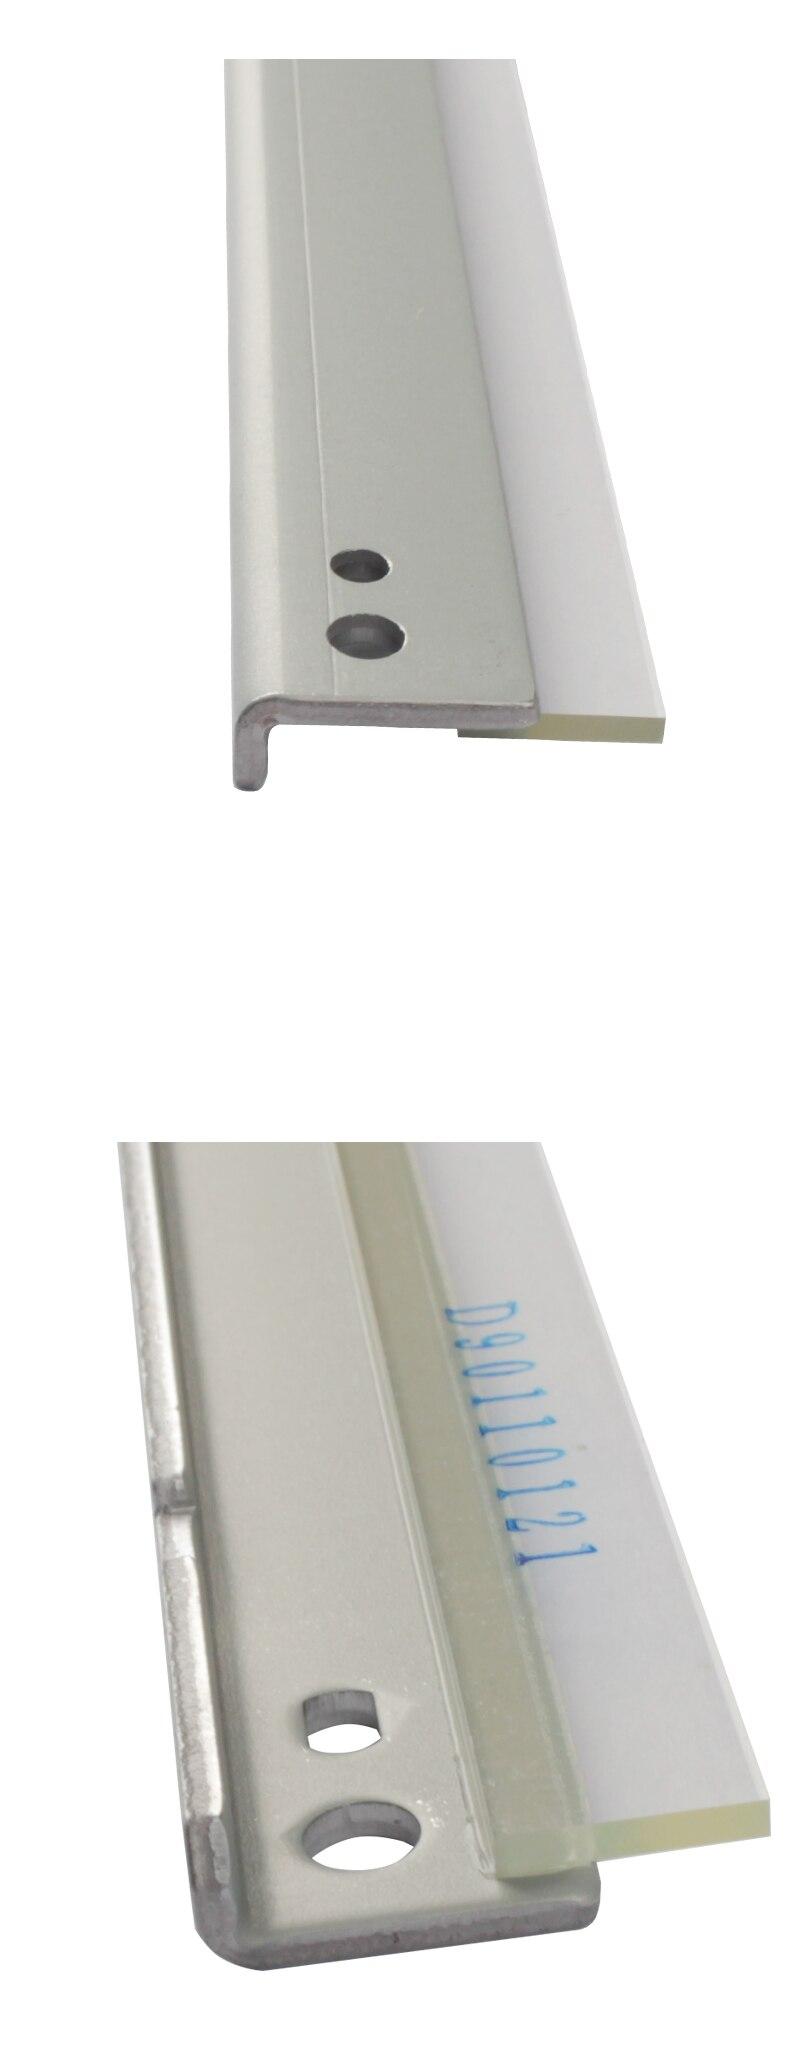 Лезвие для очистки барабана для OKI C911 C931 C941 C942 ES9431 Совместимость с чистящим лезвием